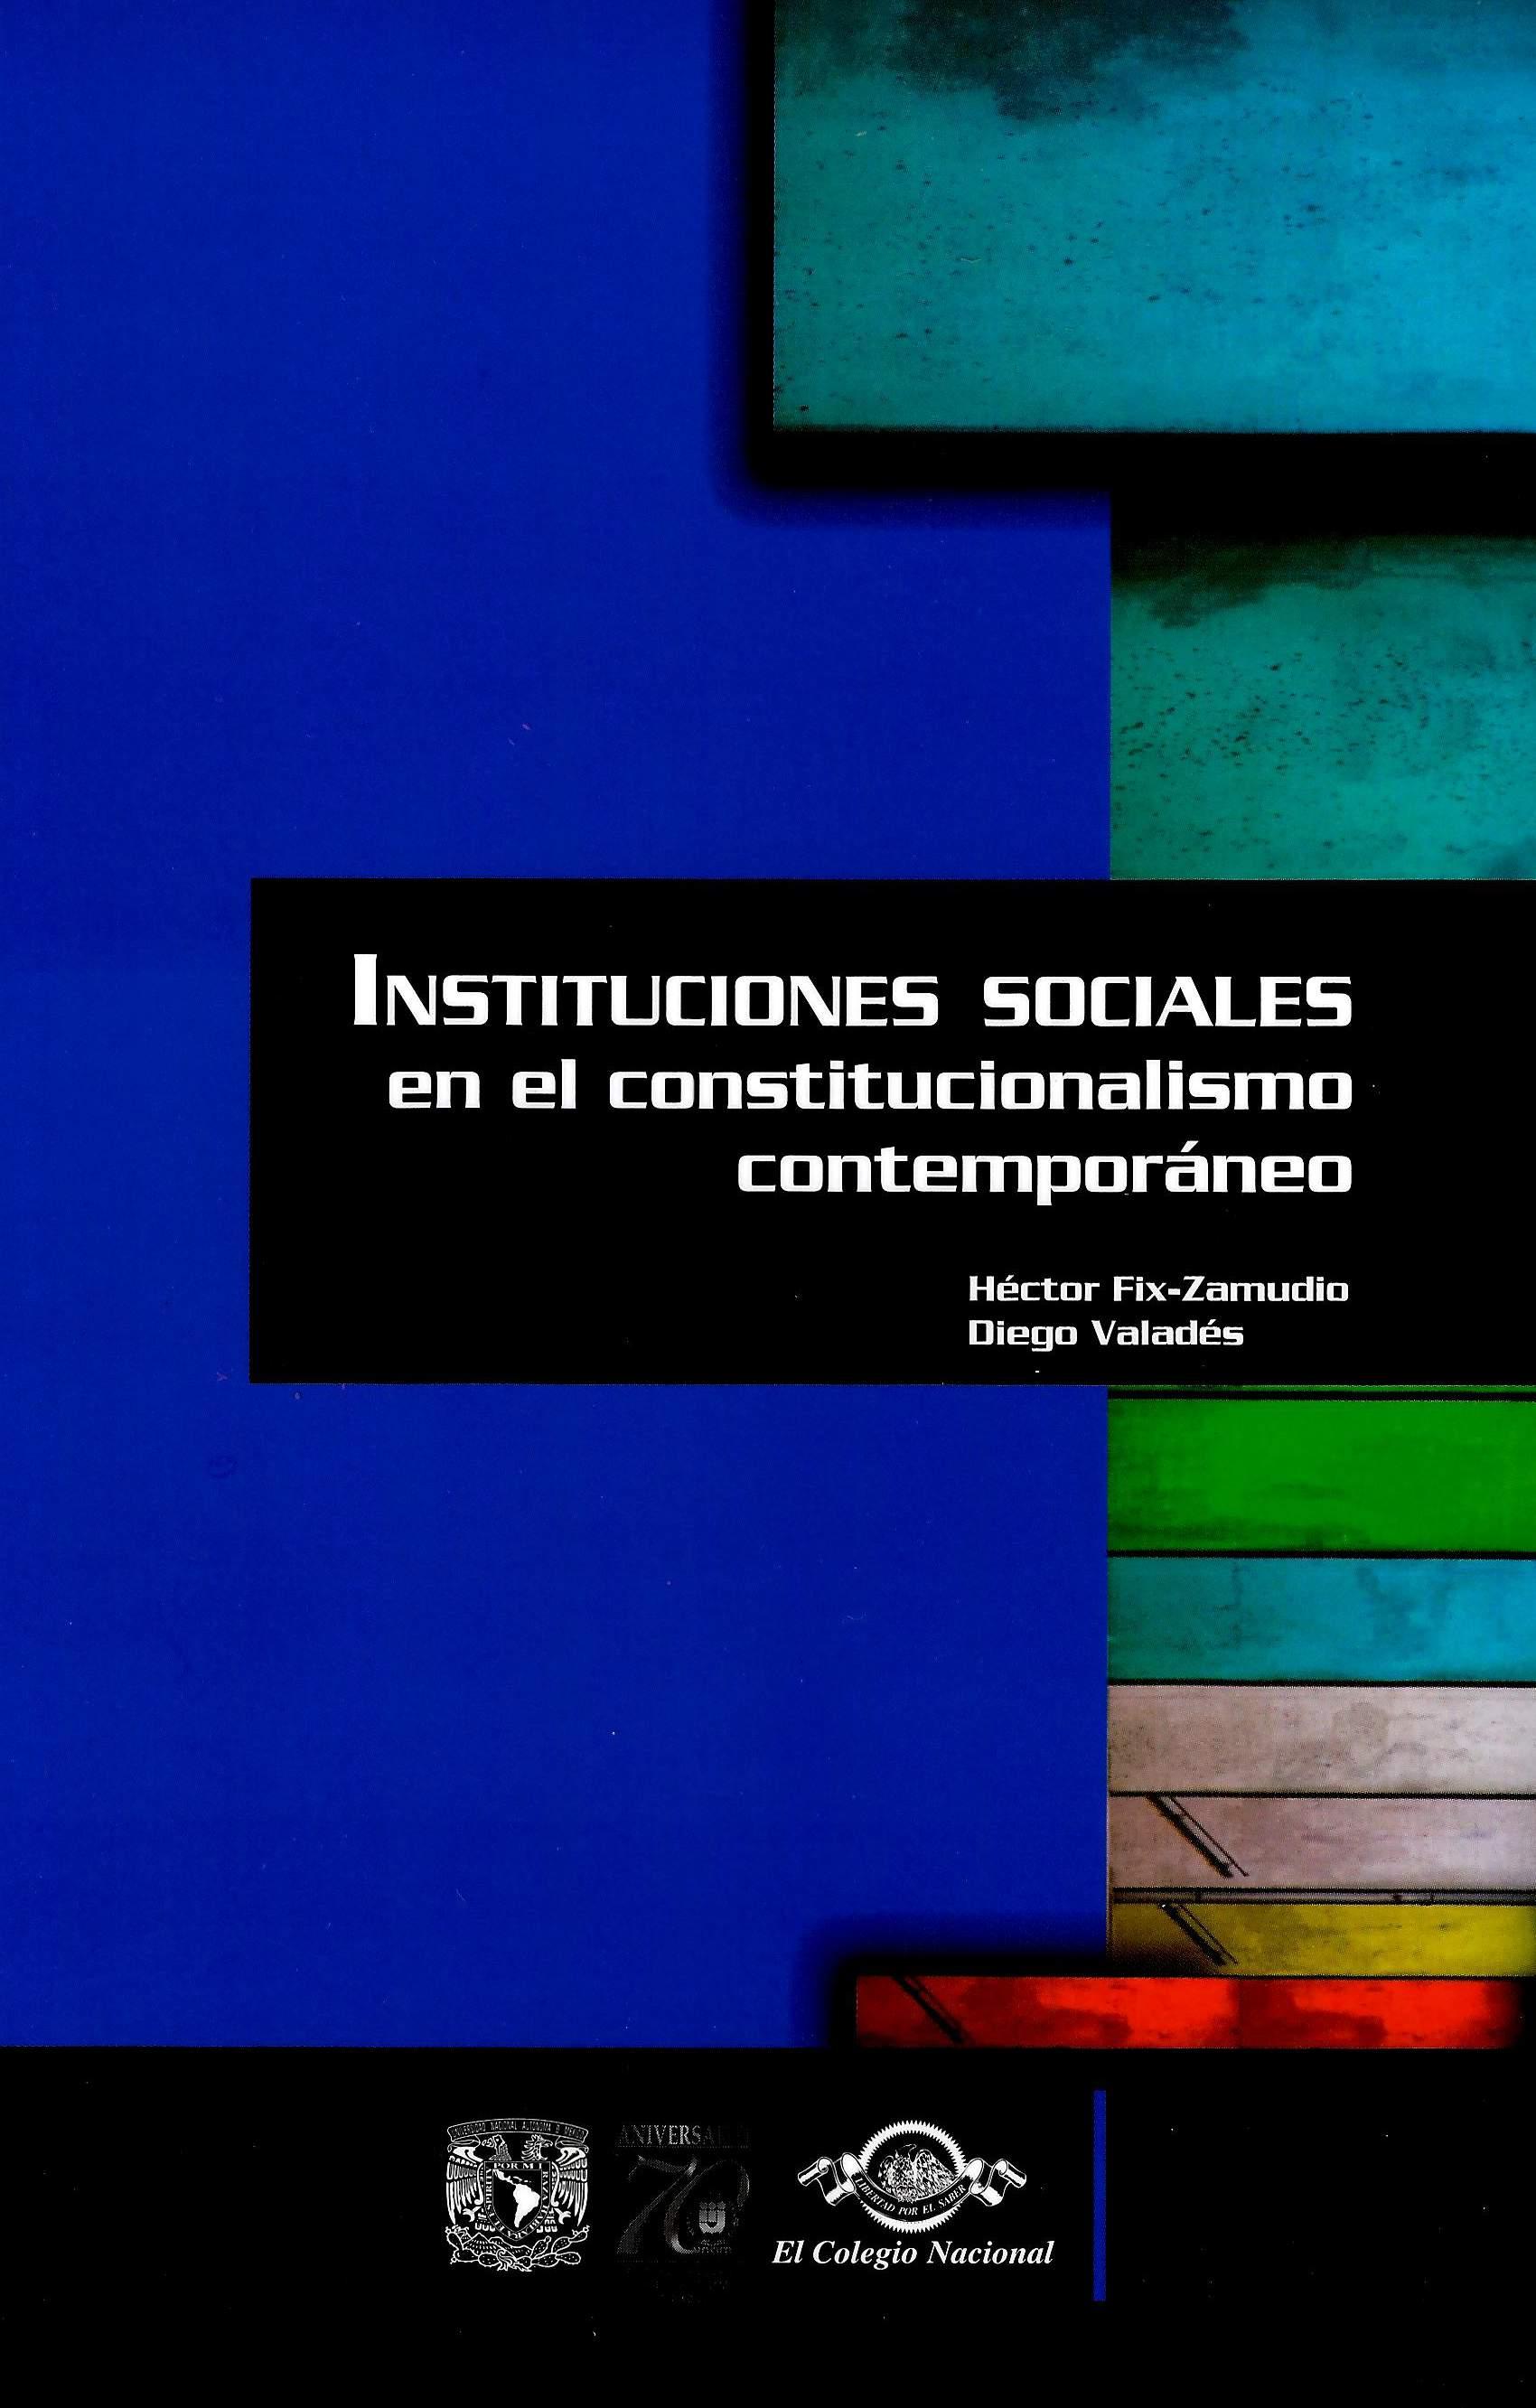 Instituciones sociales en el constitucionalismo contemporáneo